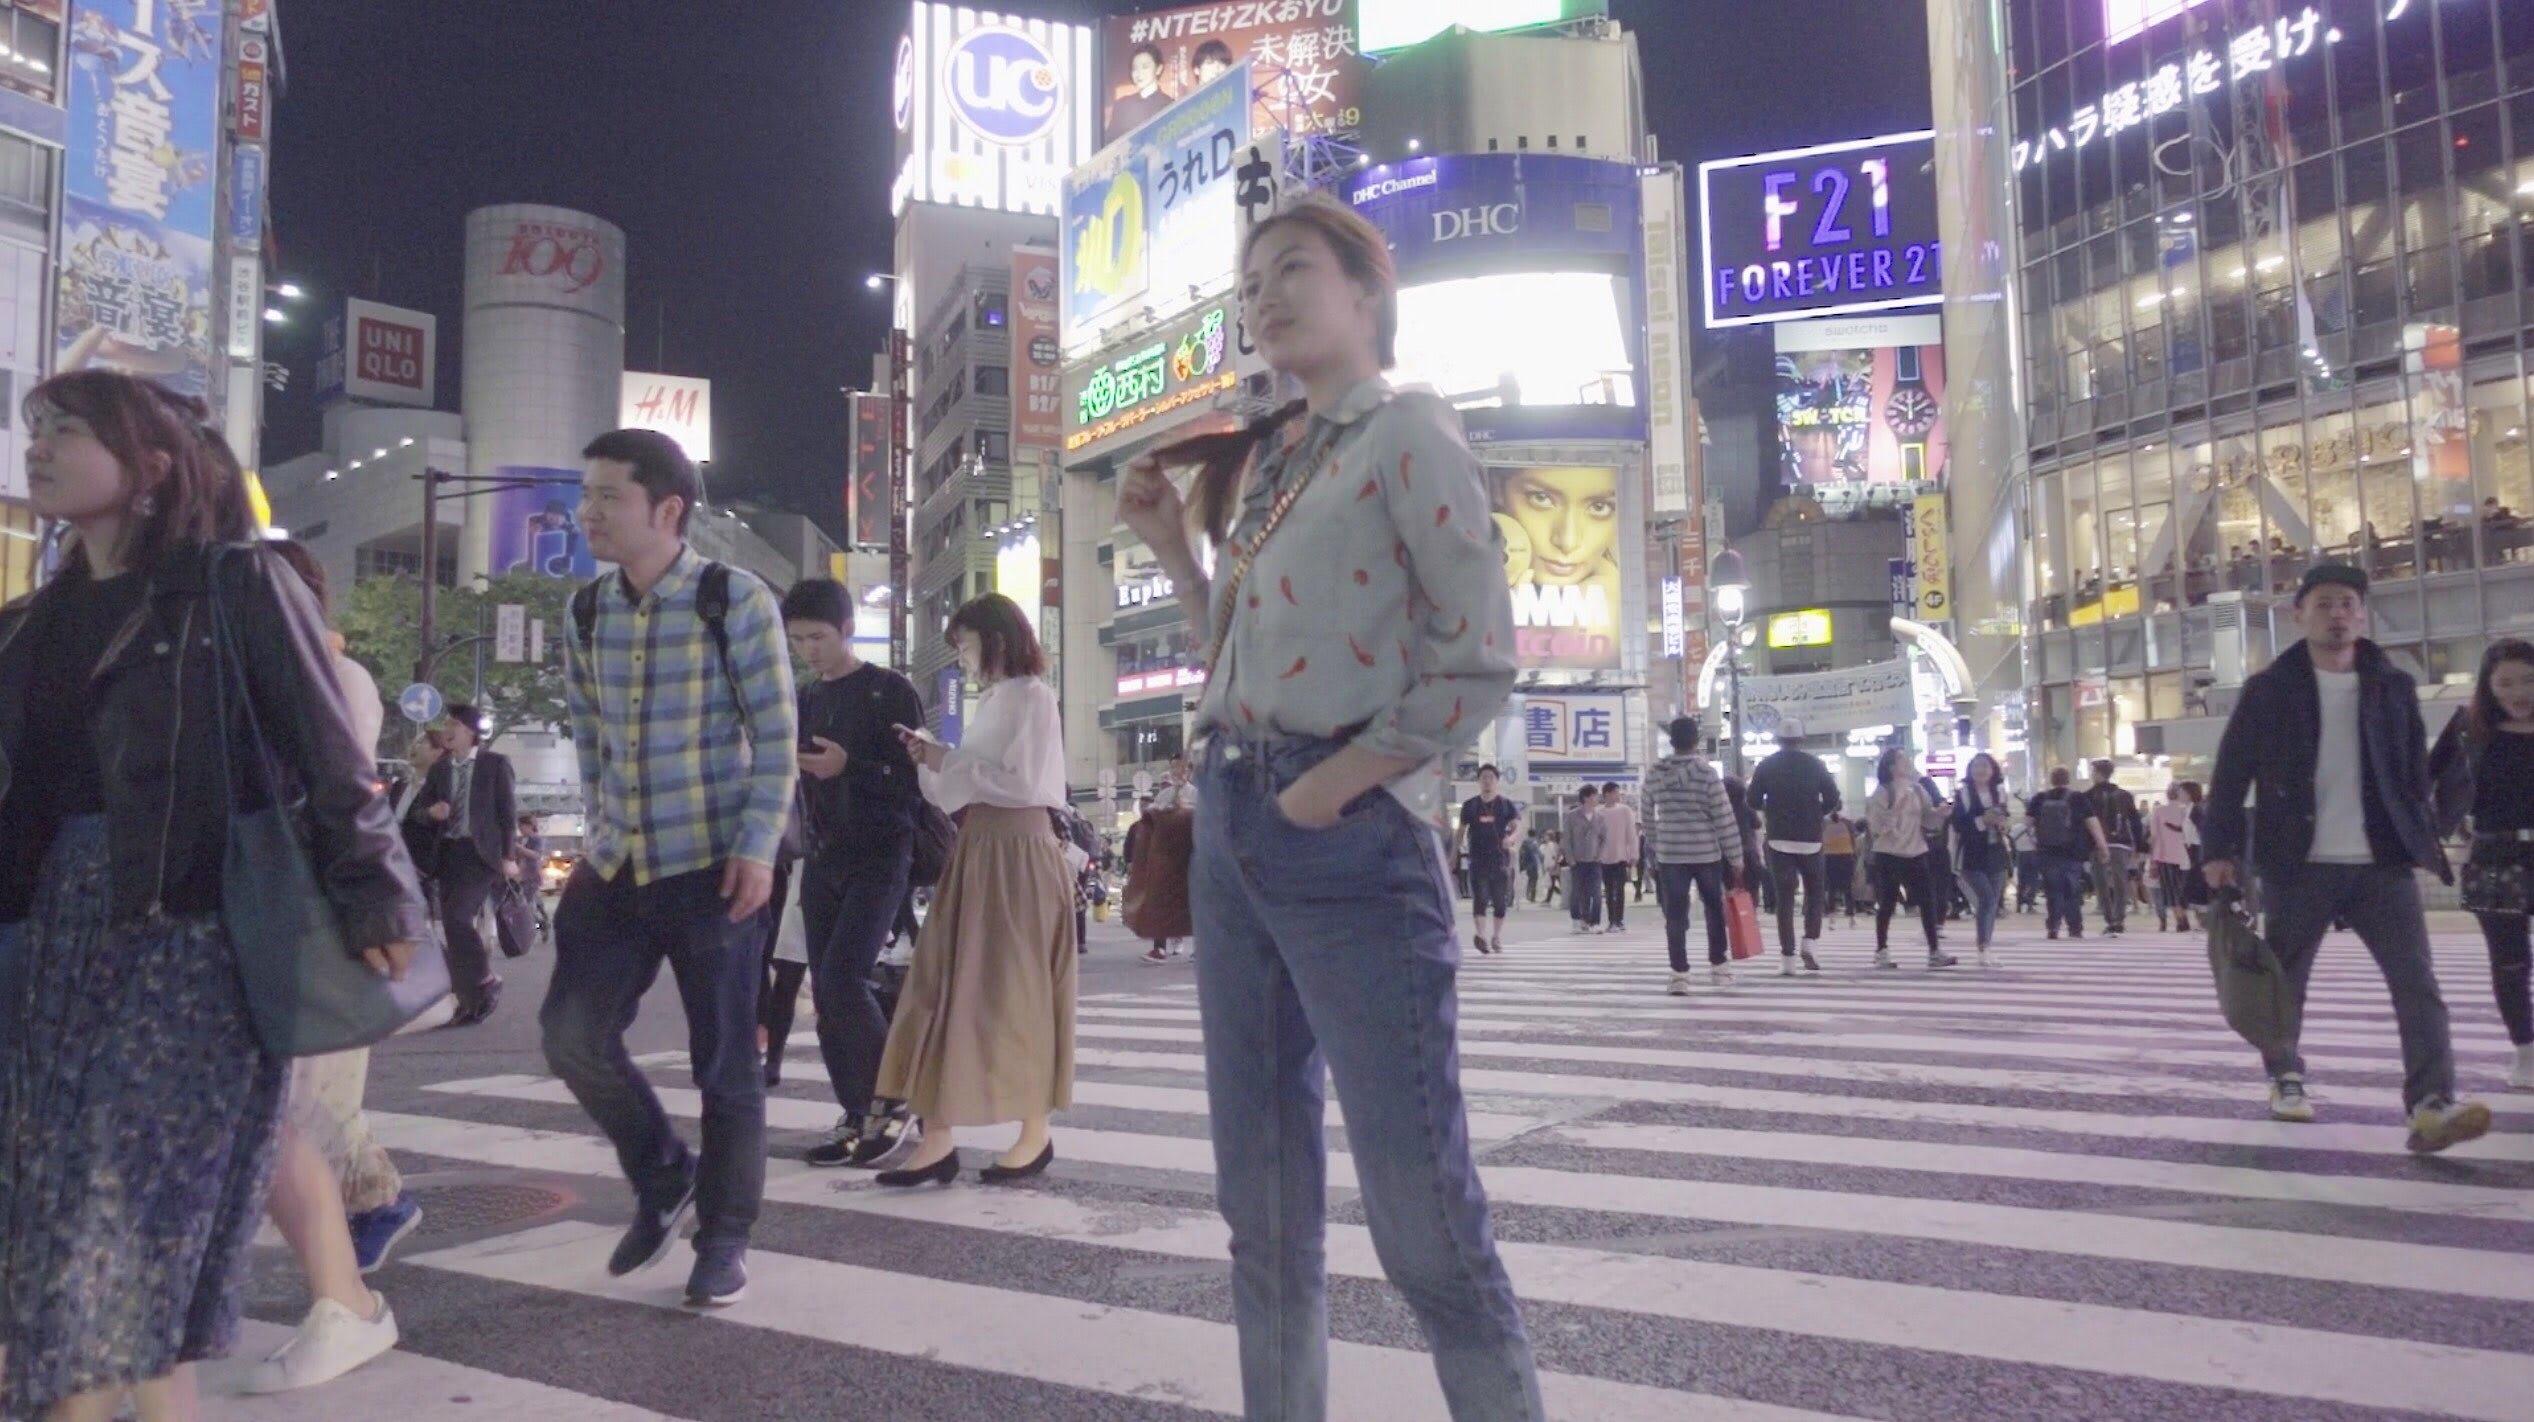 shibuya tokyo japan alex gonzaga